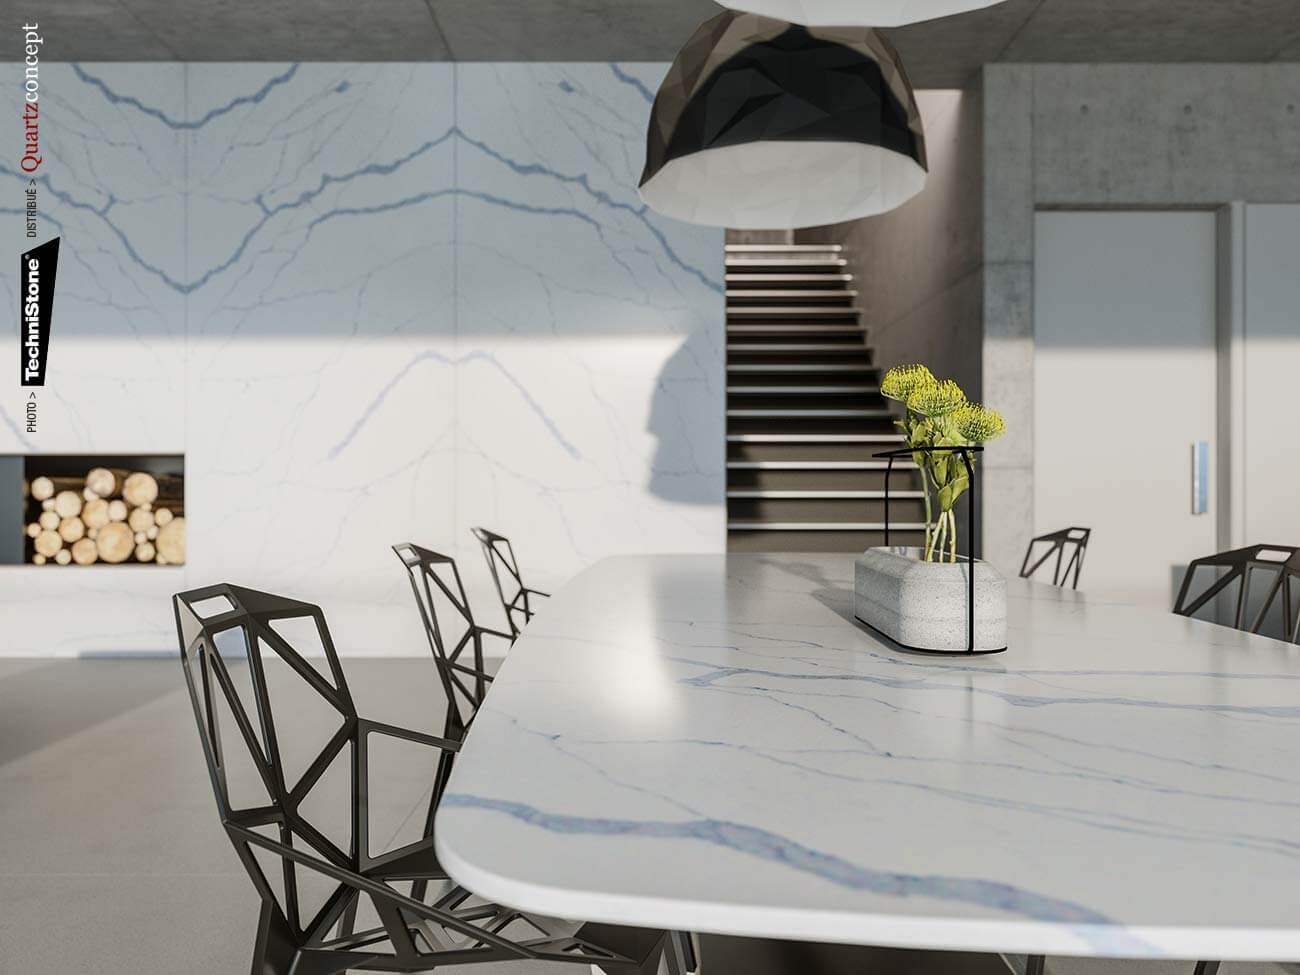 couleur-Amnis Quartz Technistone | Comptoir de cuisine et salle de bain